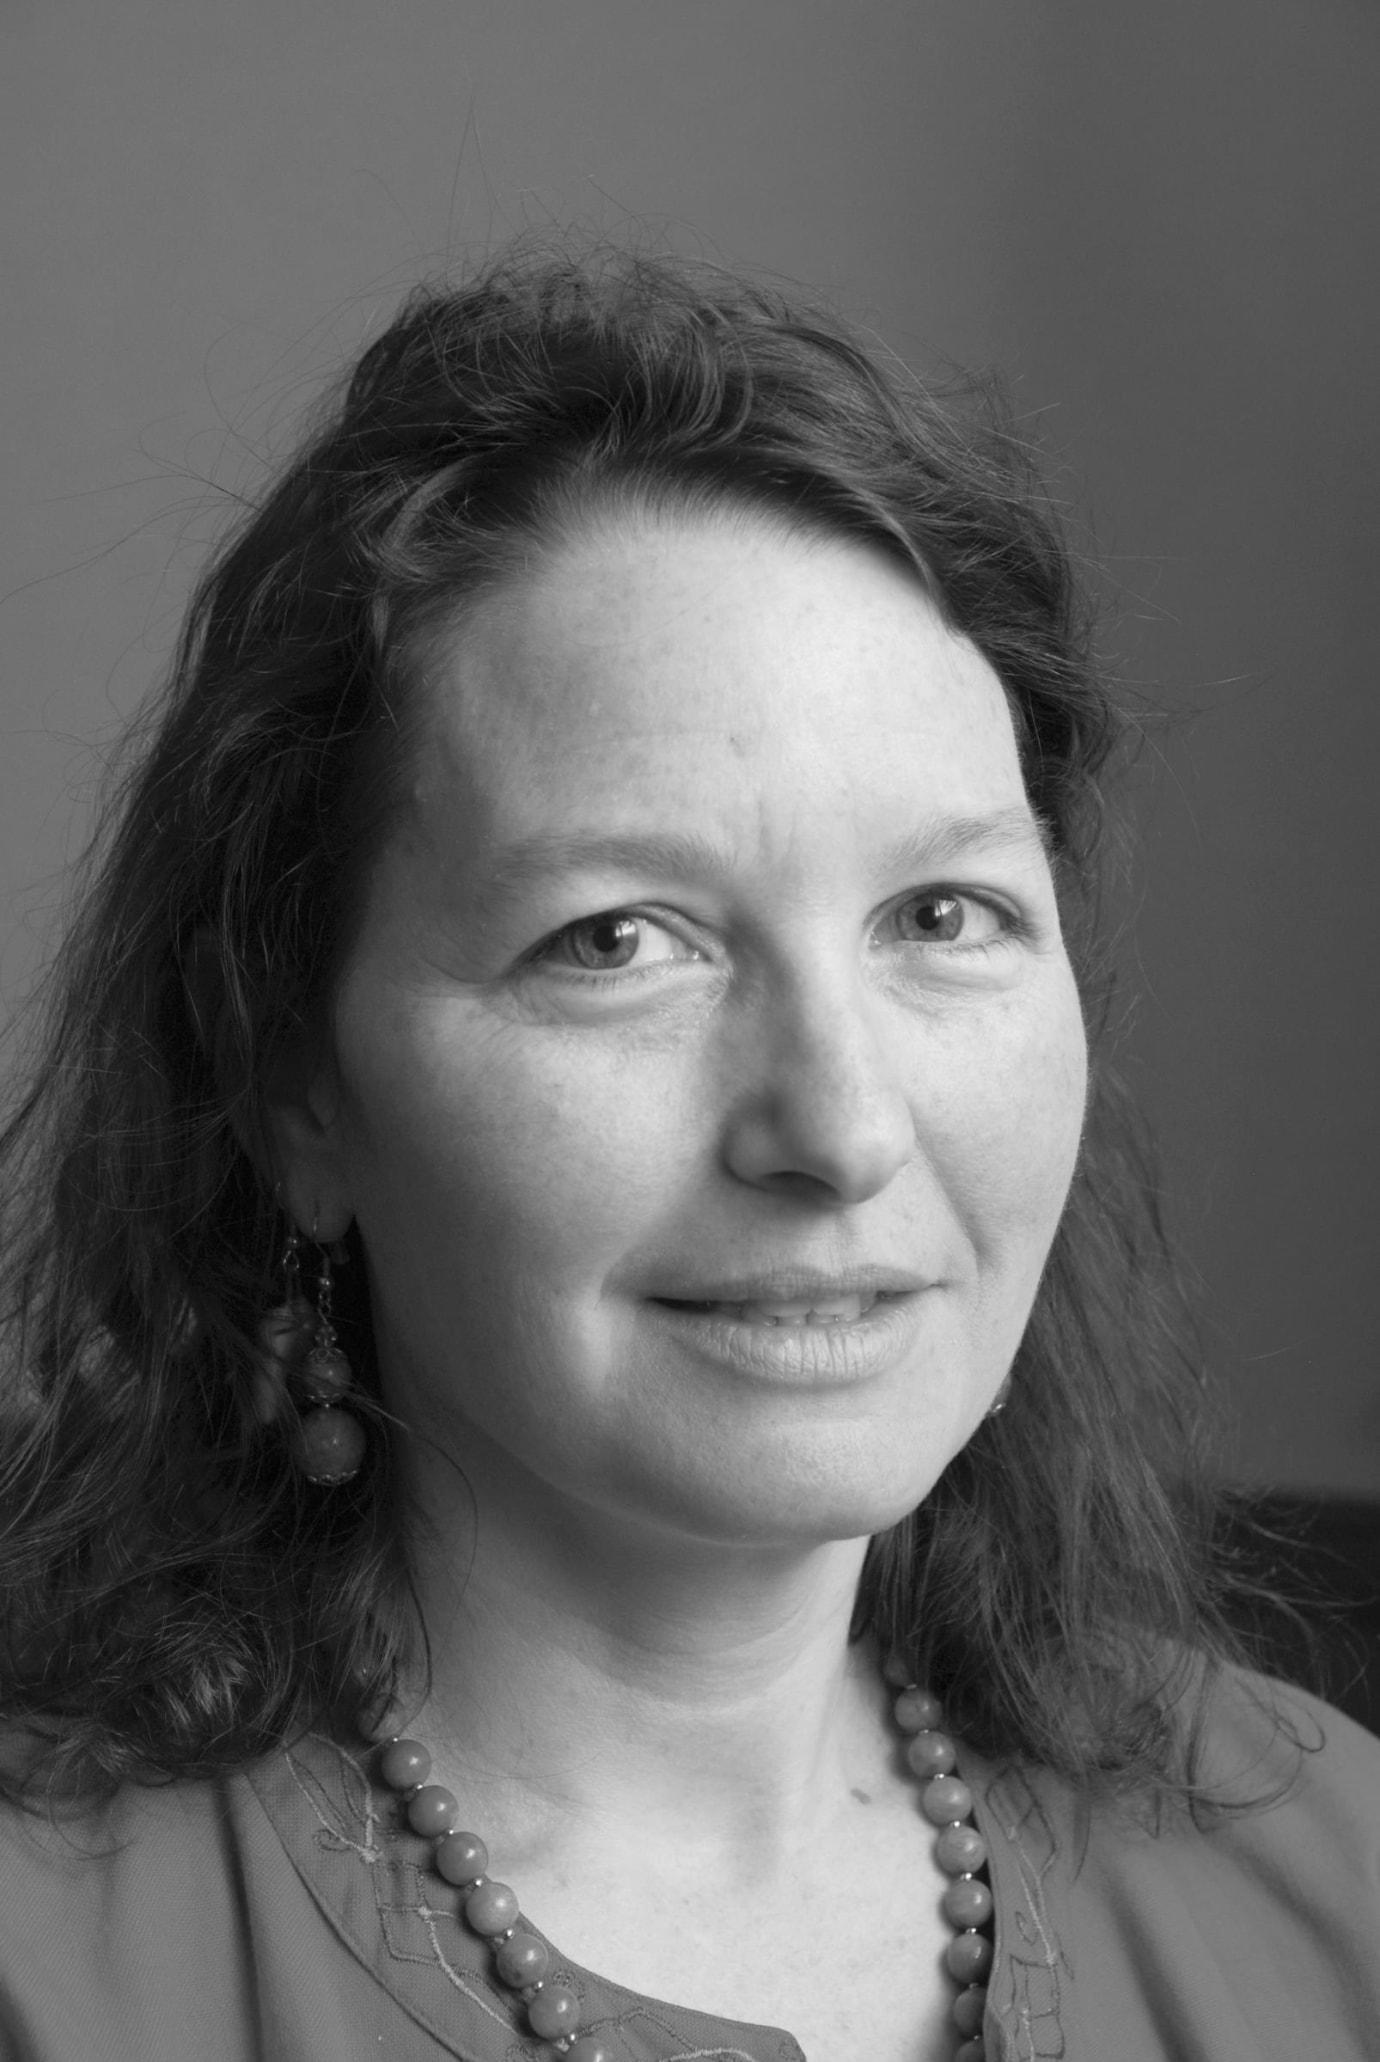 Anne-Emanuelle Birn